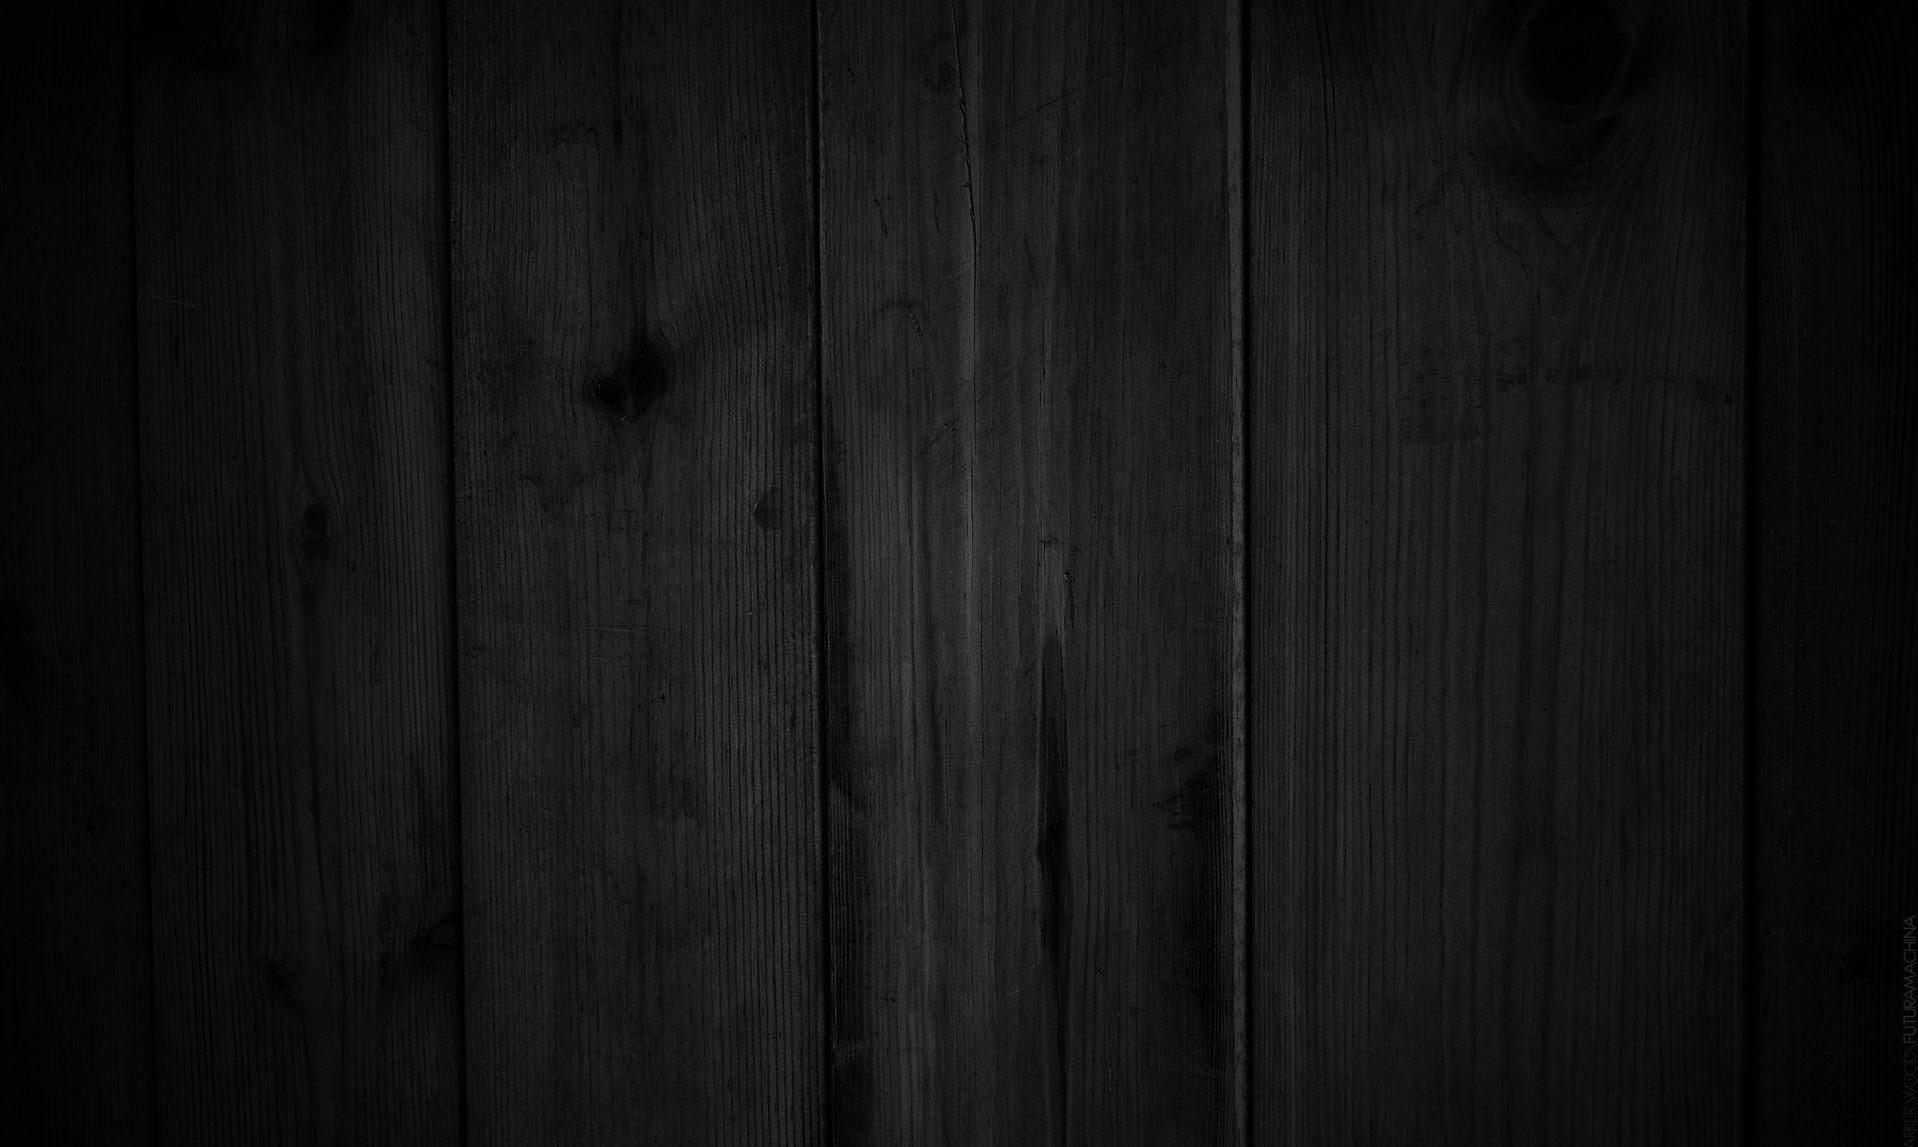 Dark wooden boards texture background, wood